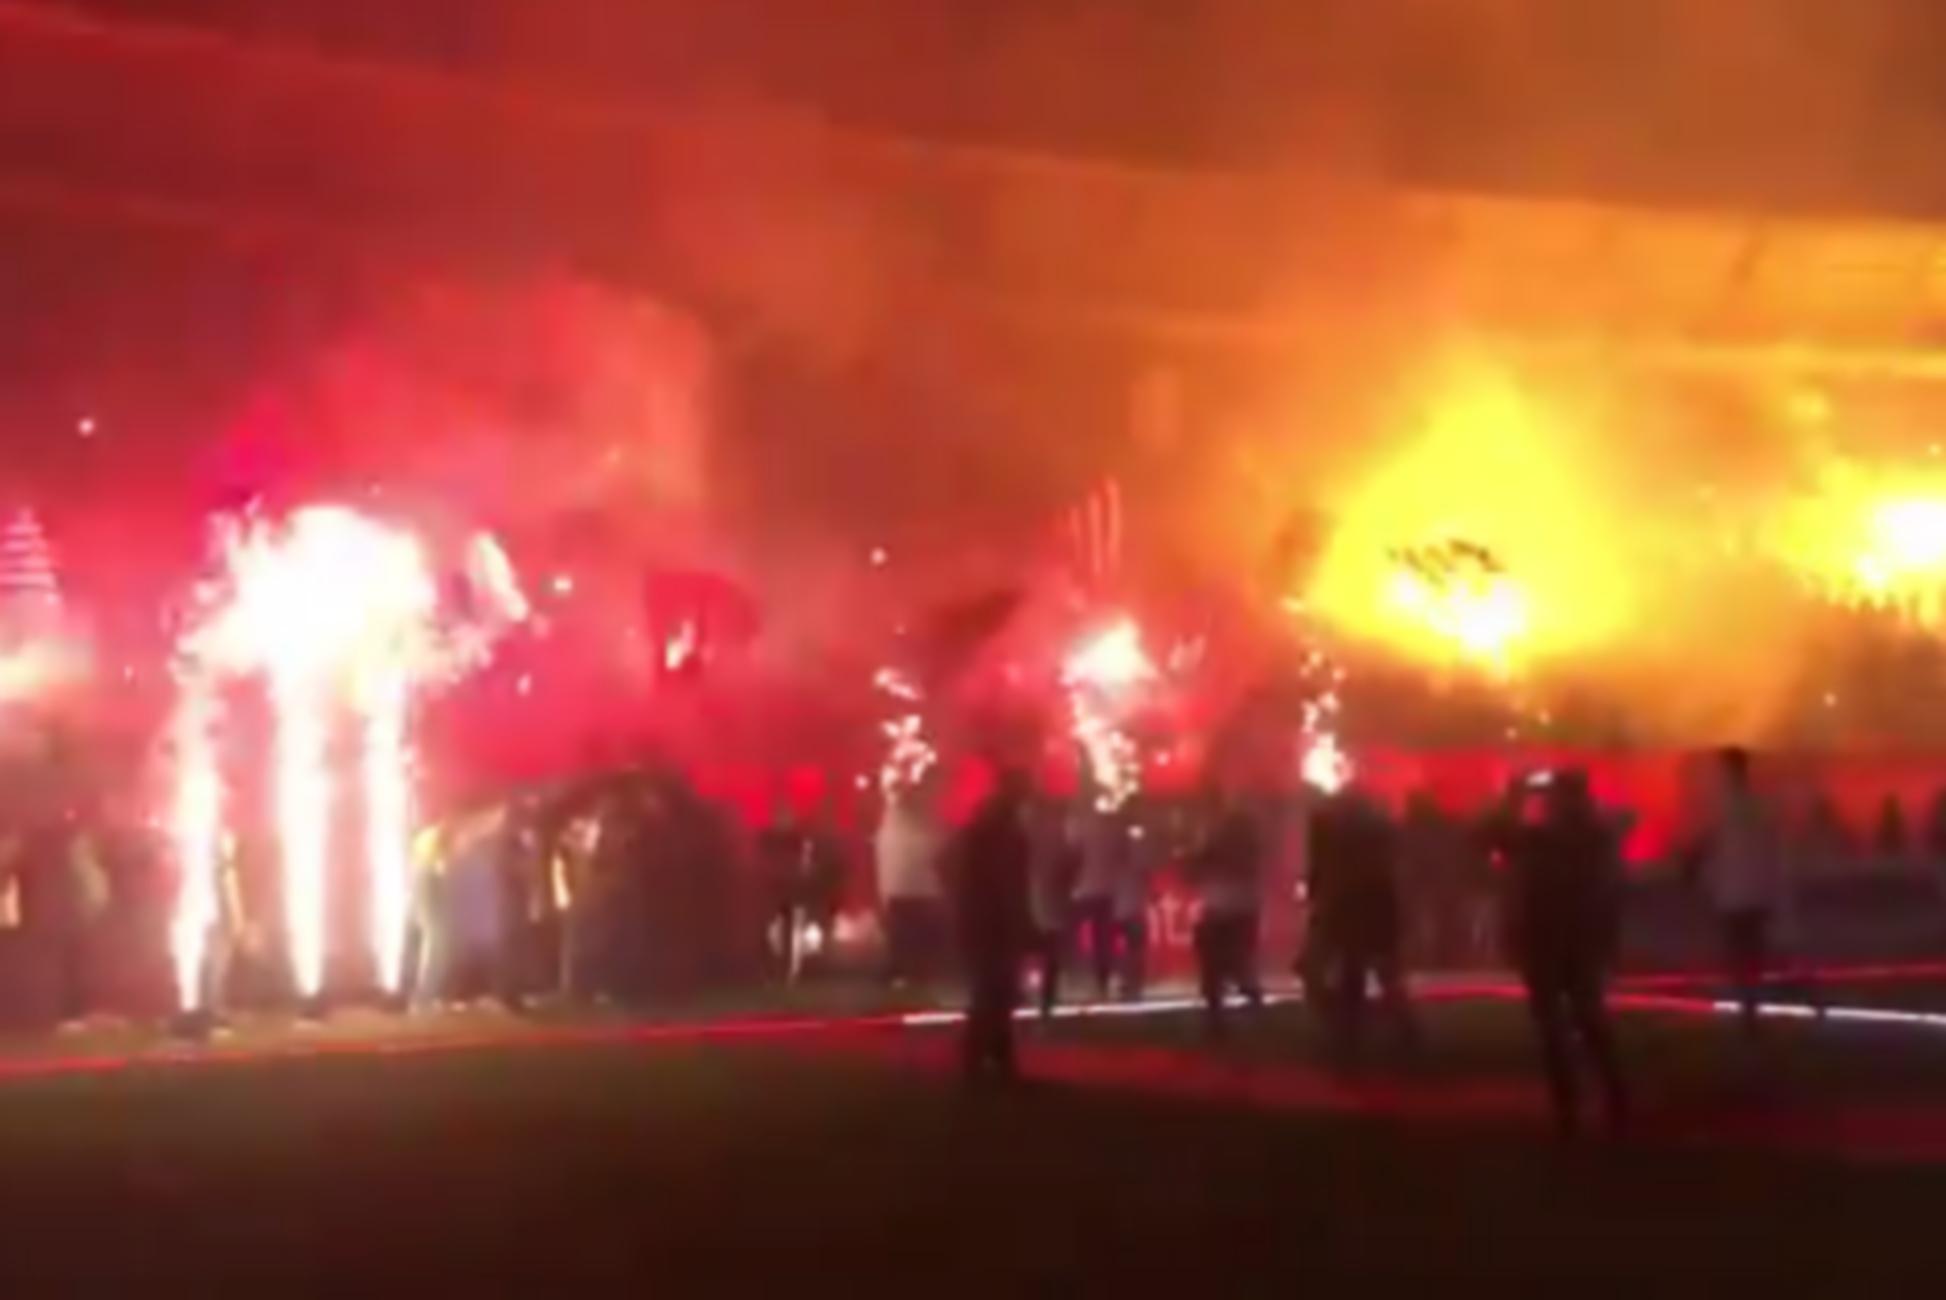 Κανένας κορονοϊός στη Σερβία: Πάνω από 20.000 οπαδοί στο γήπεδο (video)